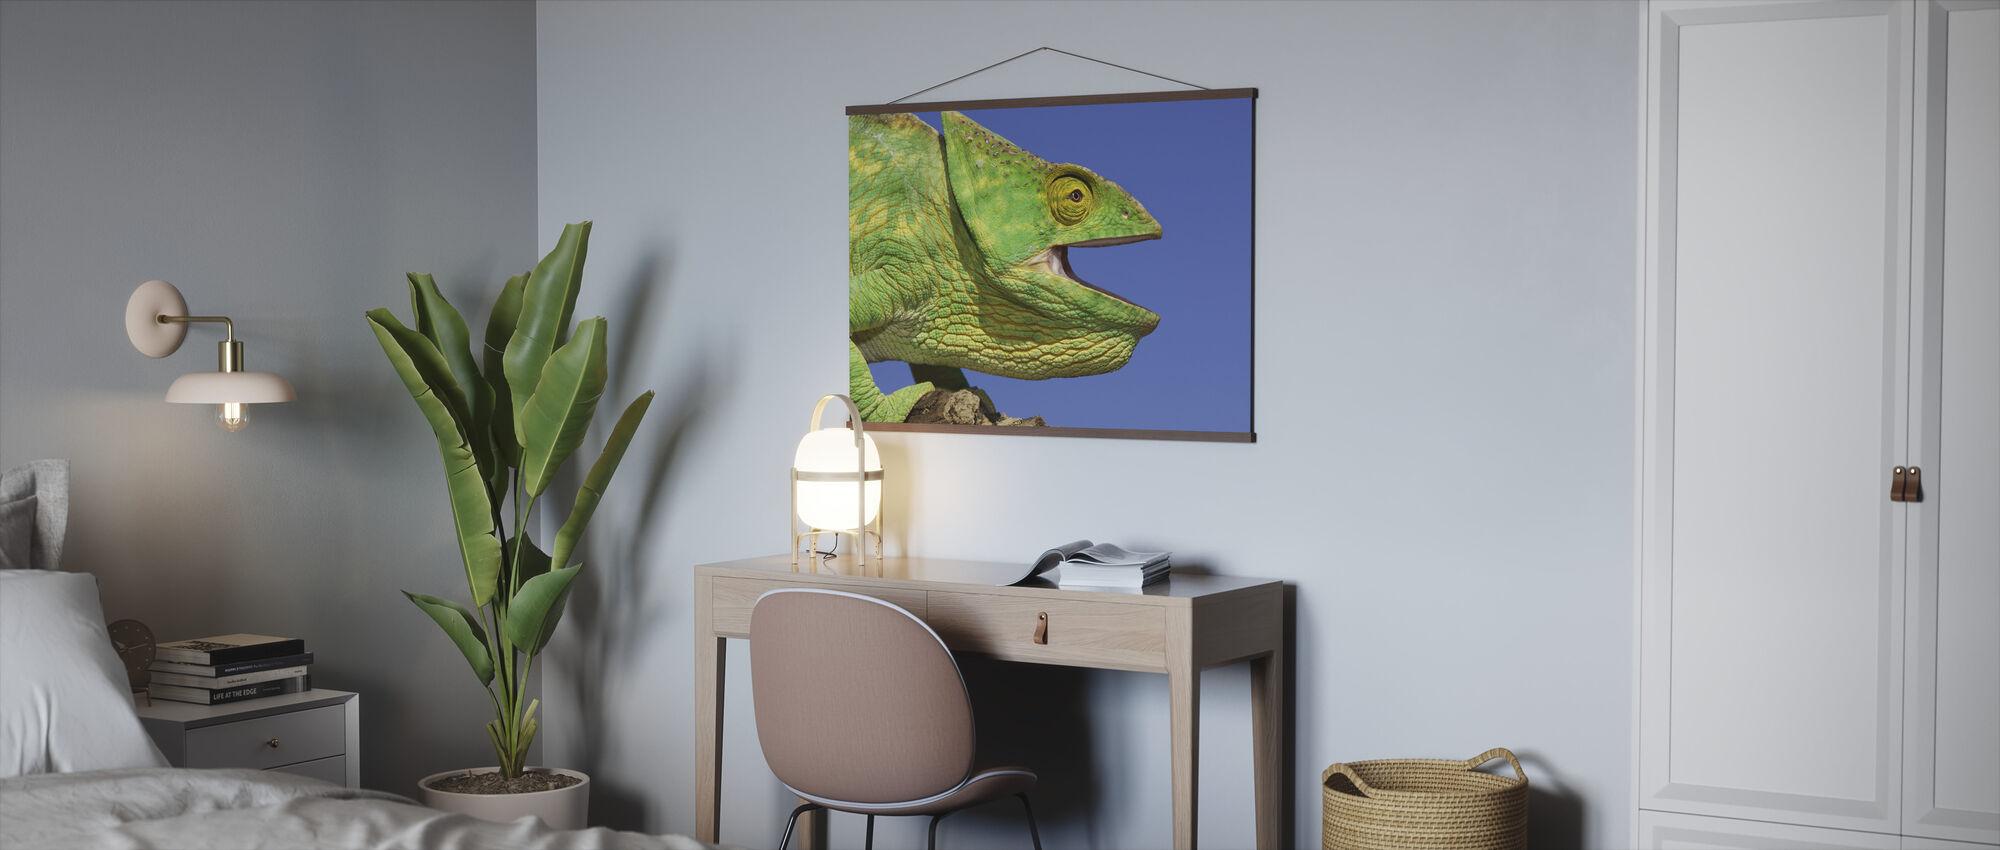 Parsons kameleont - Poster - Kontor